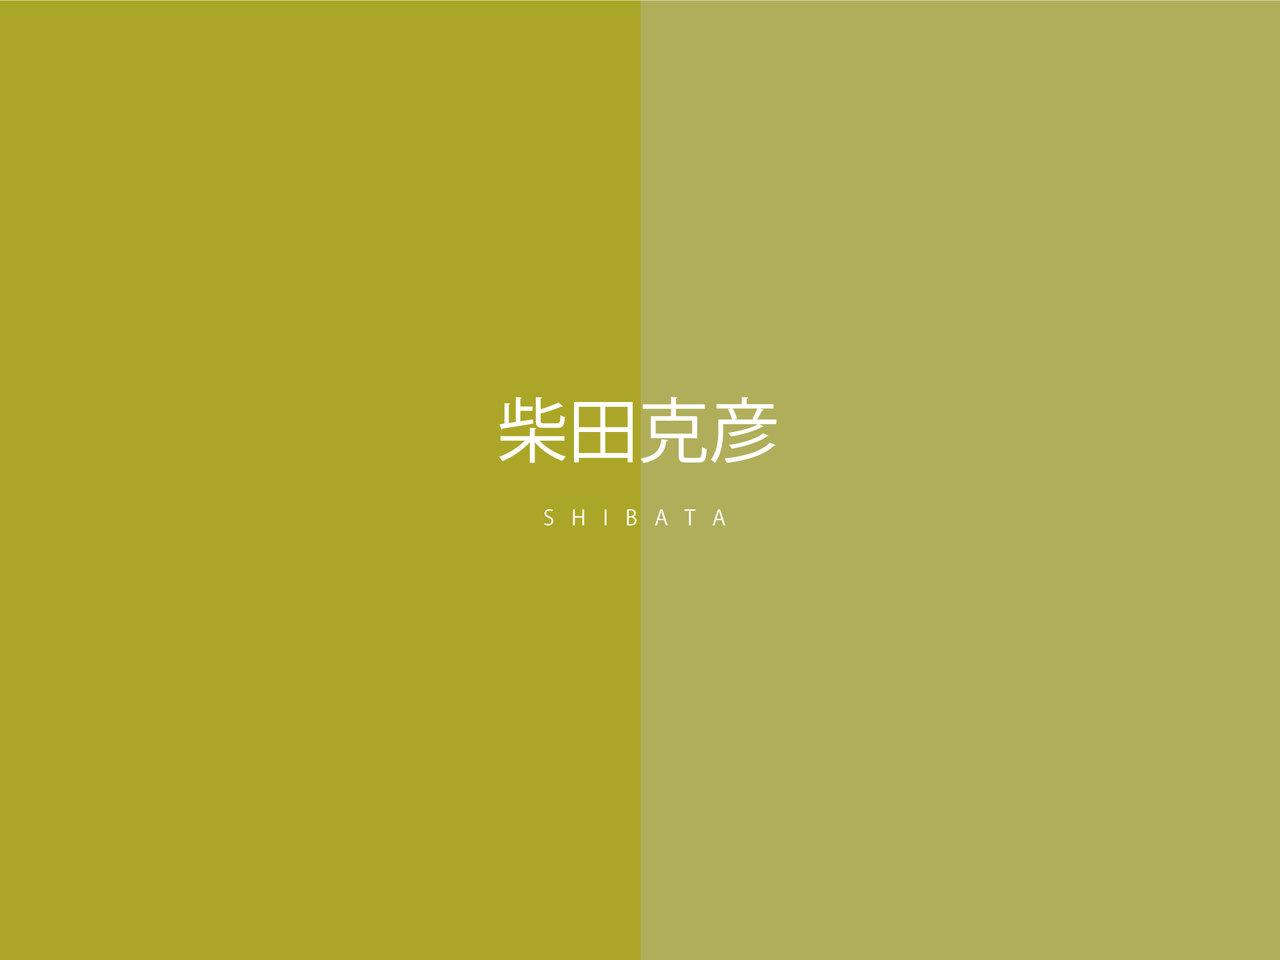 東京シティ・フィルハーモニック管弦楽団 第330回定期演奏会 2020年1月18日 東京オペラシティ コンサートホール